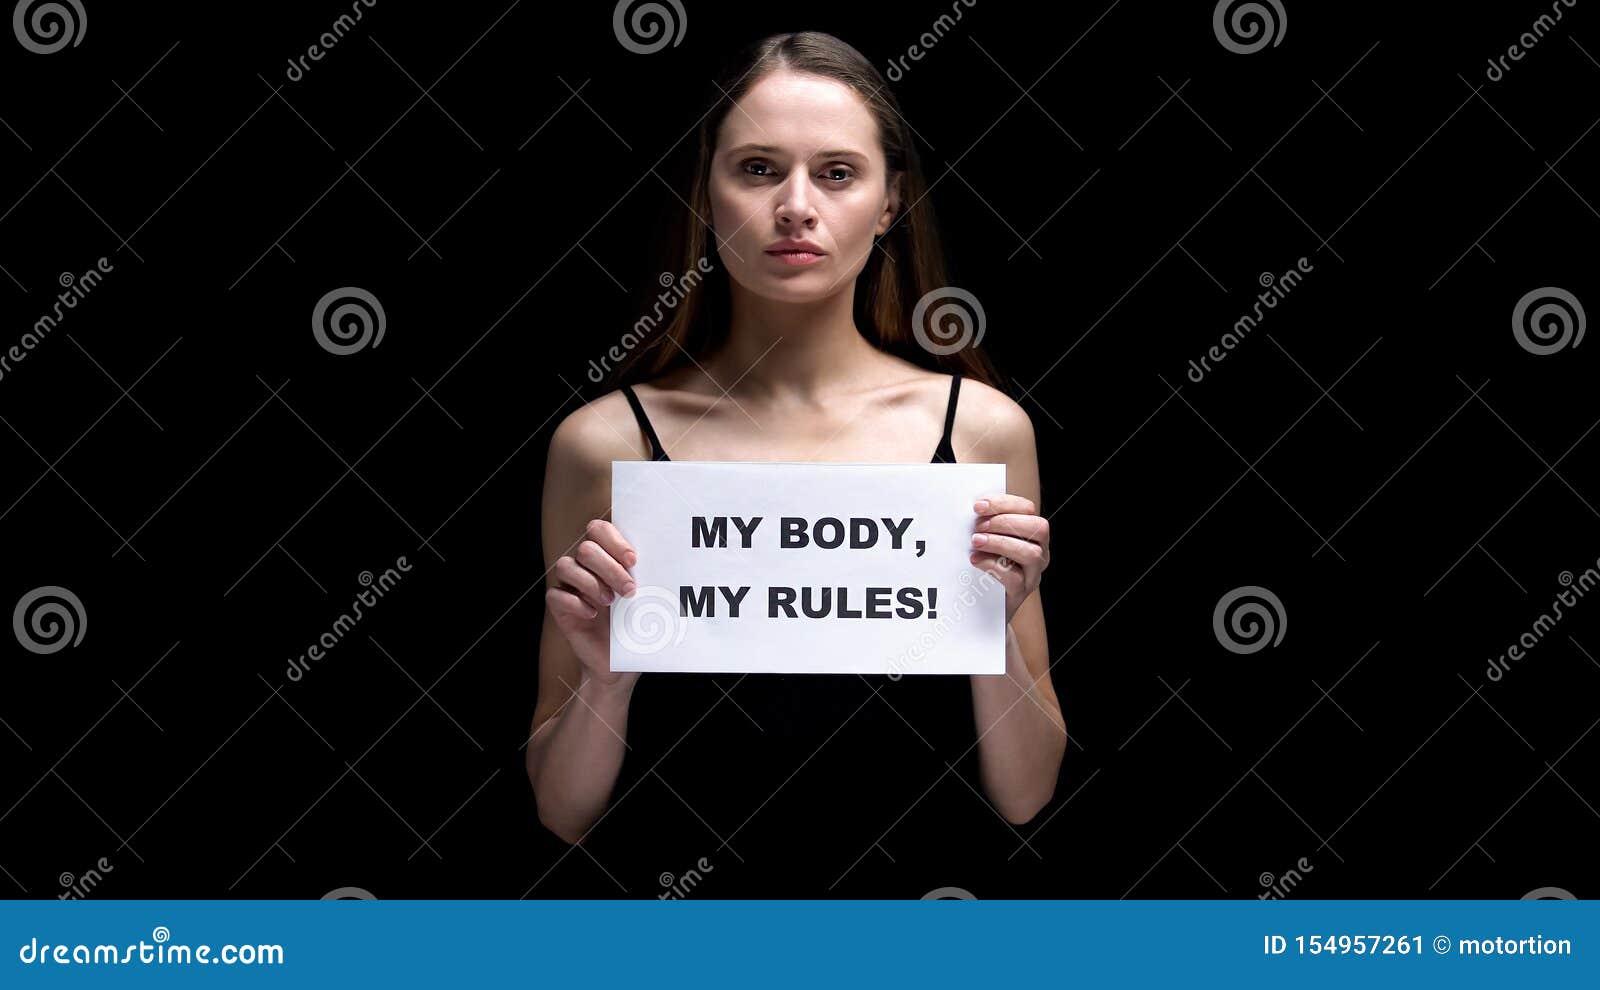 Femme montrant mon corps que mes règles signent, acceptant différentes imperfections, liberté